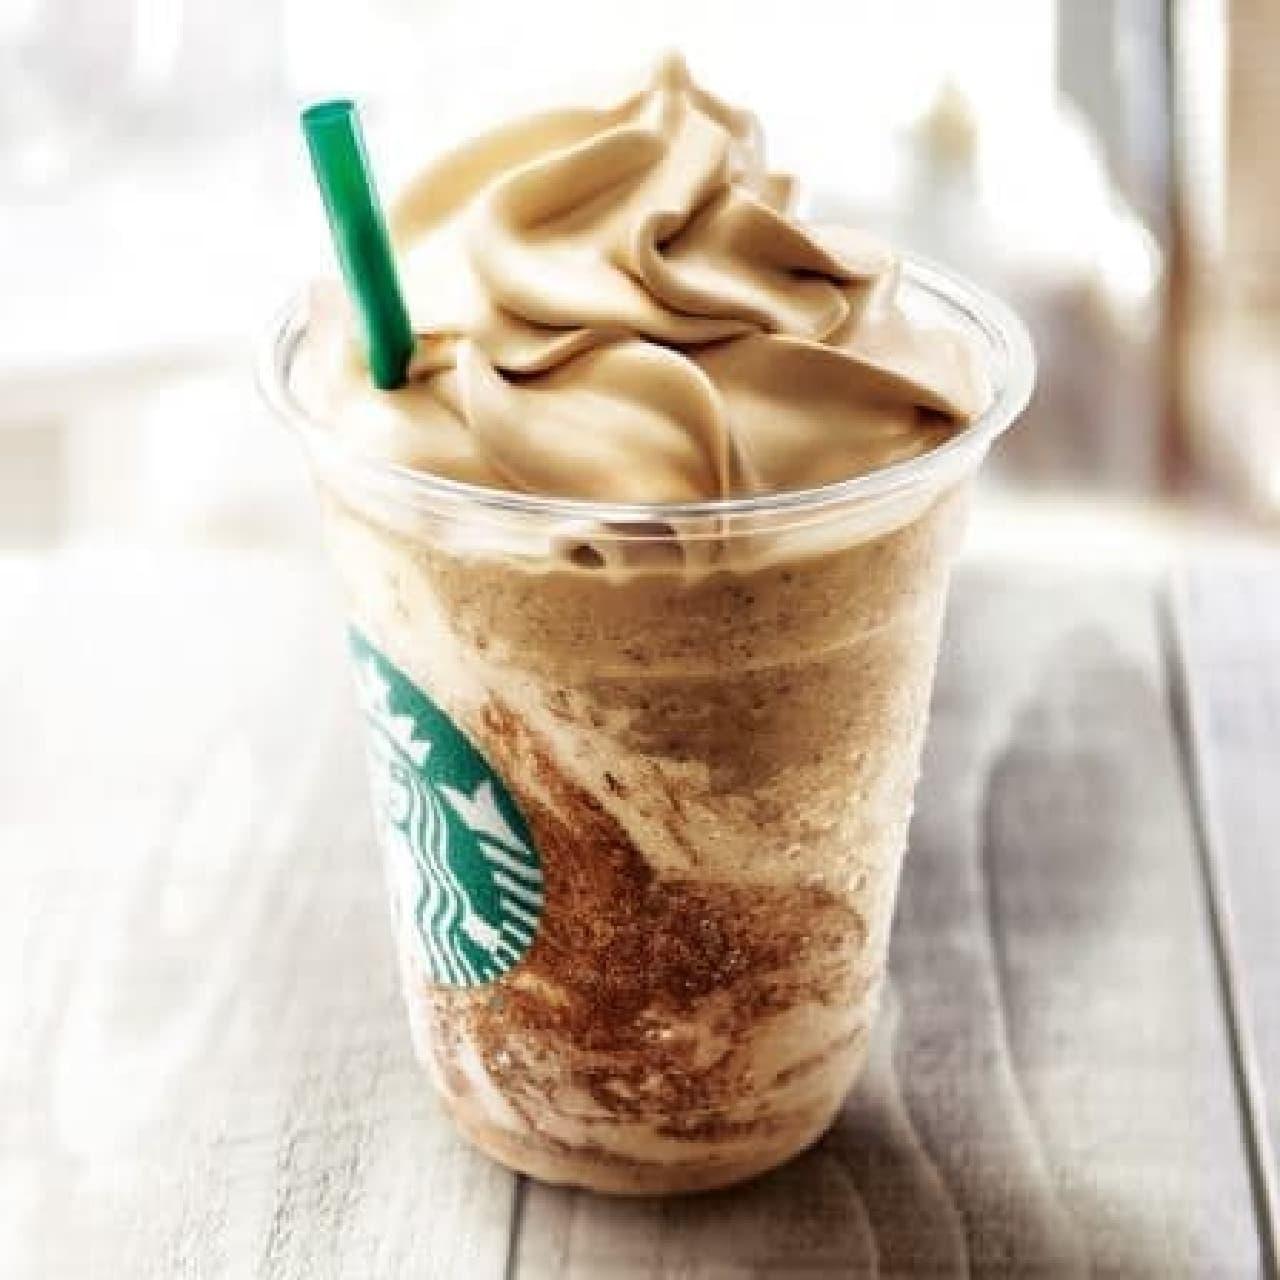 スターバックス「コーヒー&クリーム フラペチーノ with コーヒー クリーム スワール」